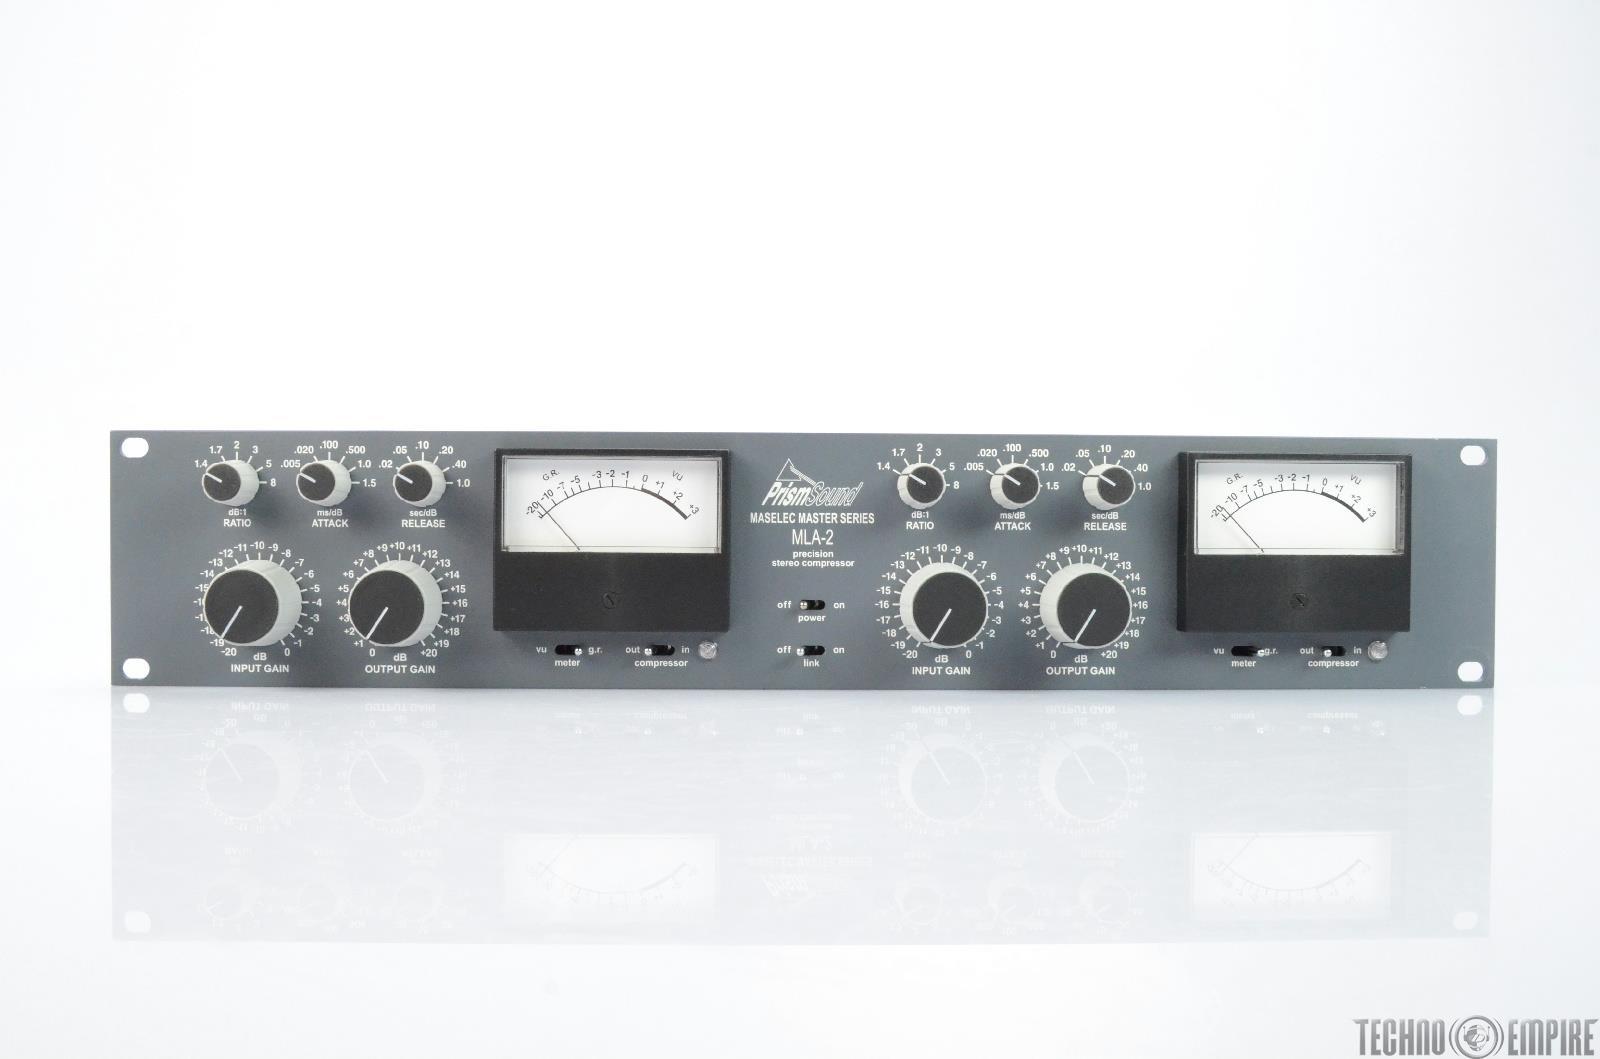 PRISM SOUND MLA-2 Maselec Master Series Precision Stereo Compressor #25714